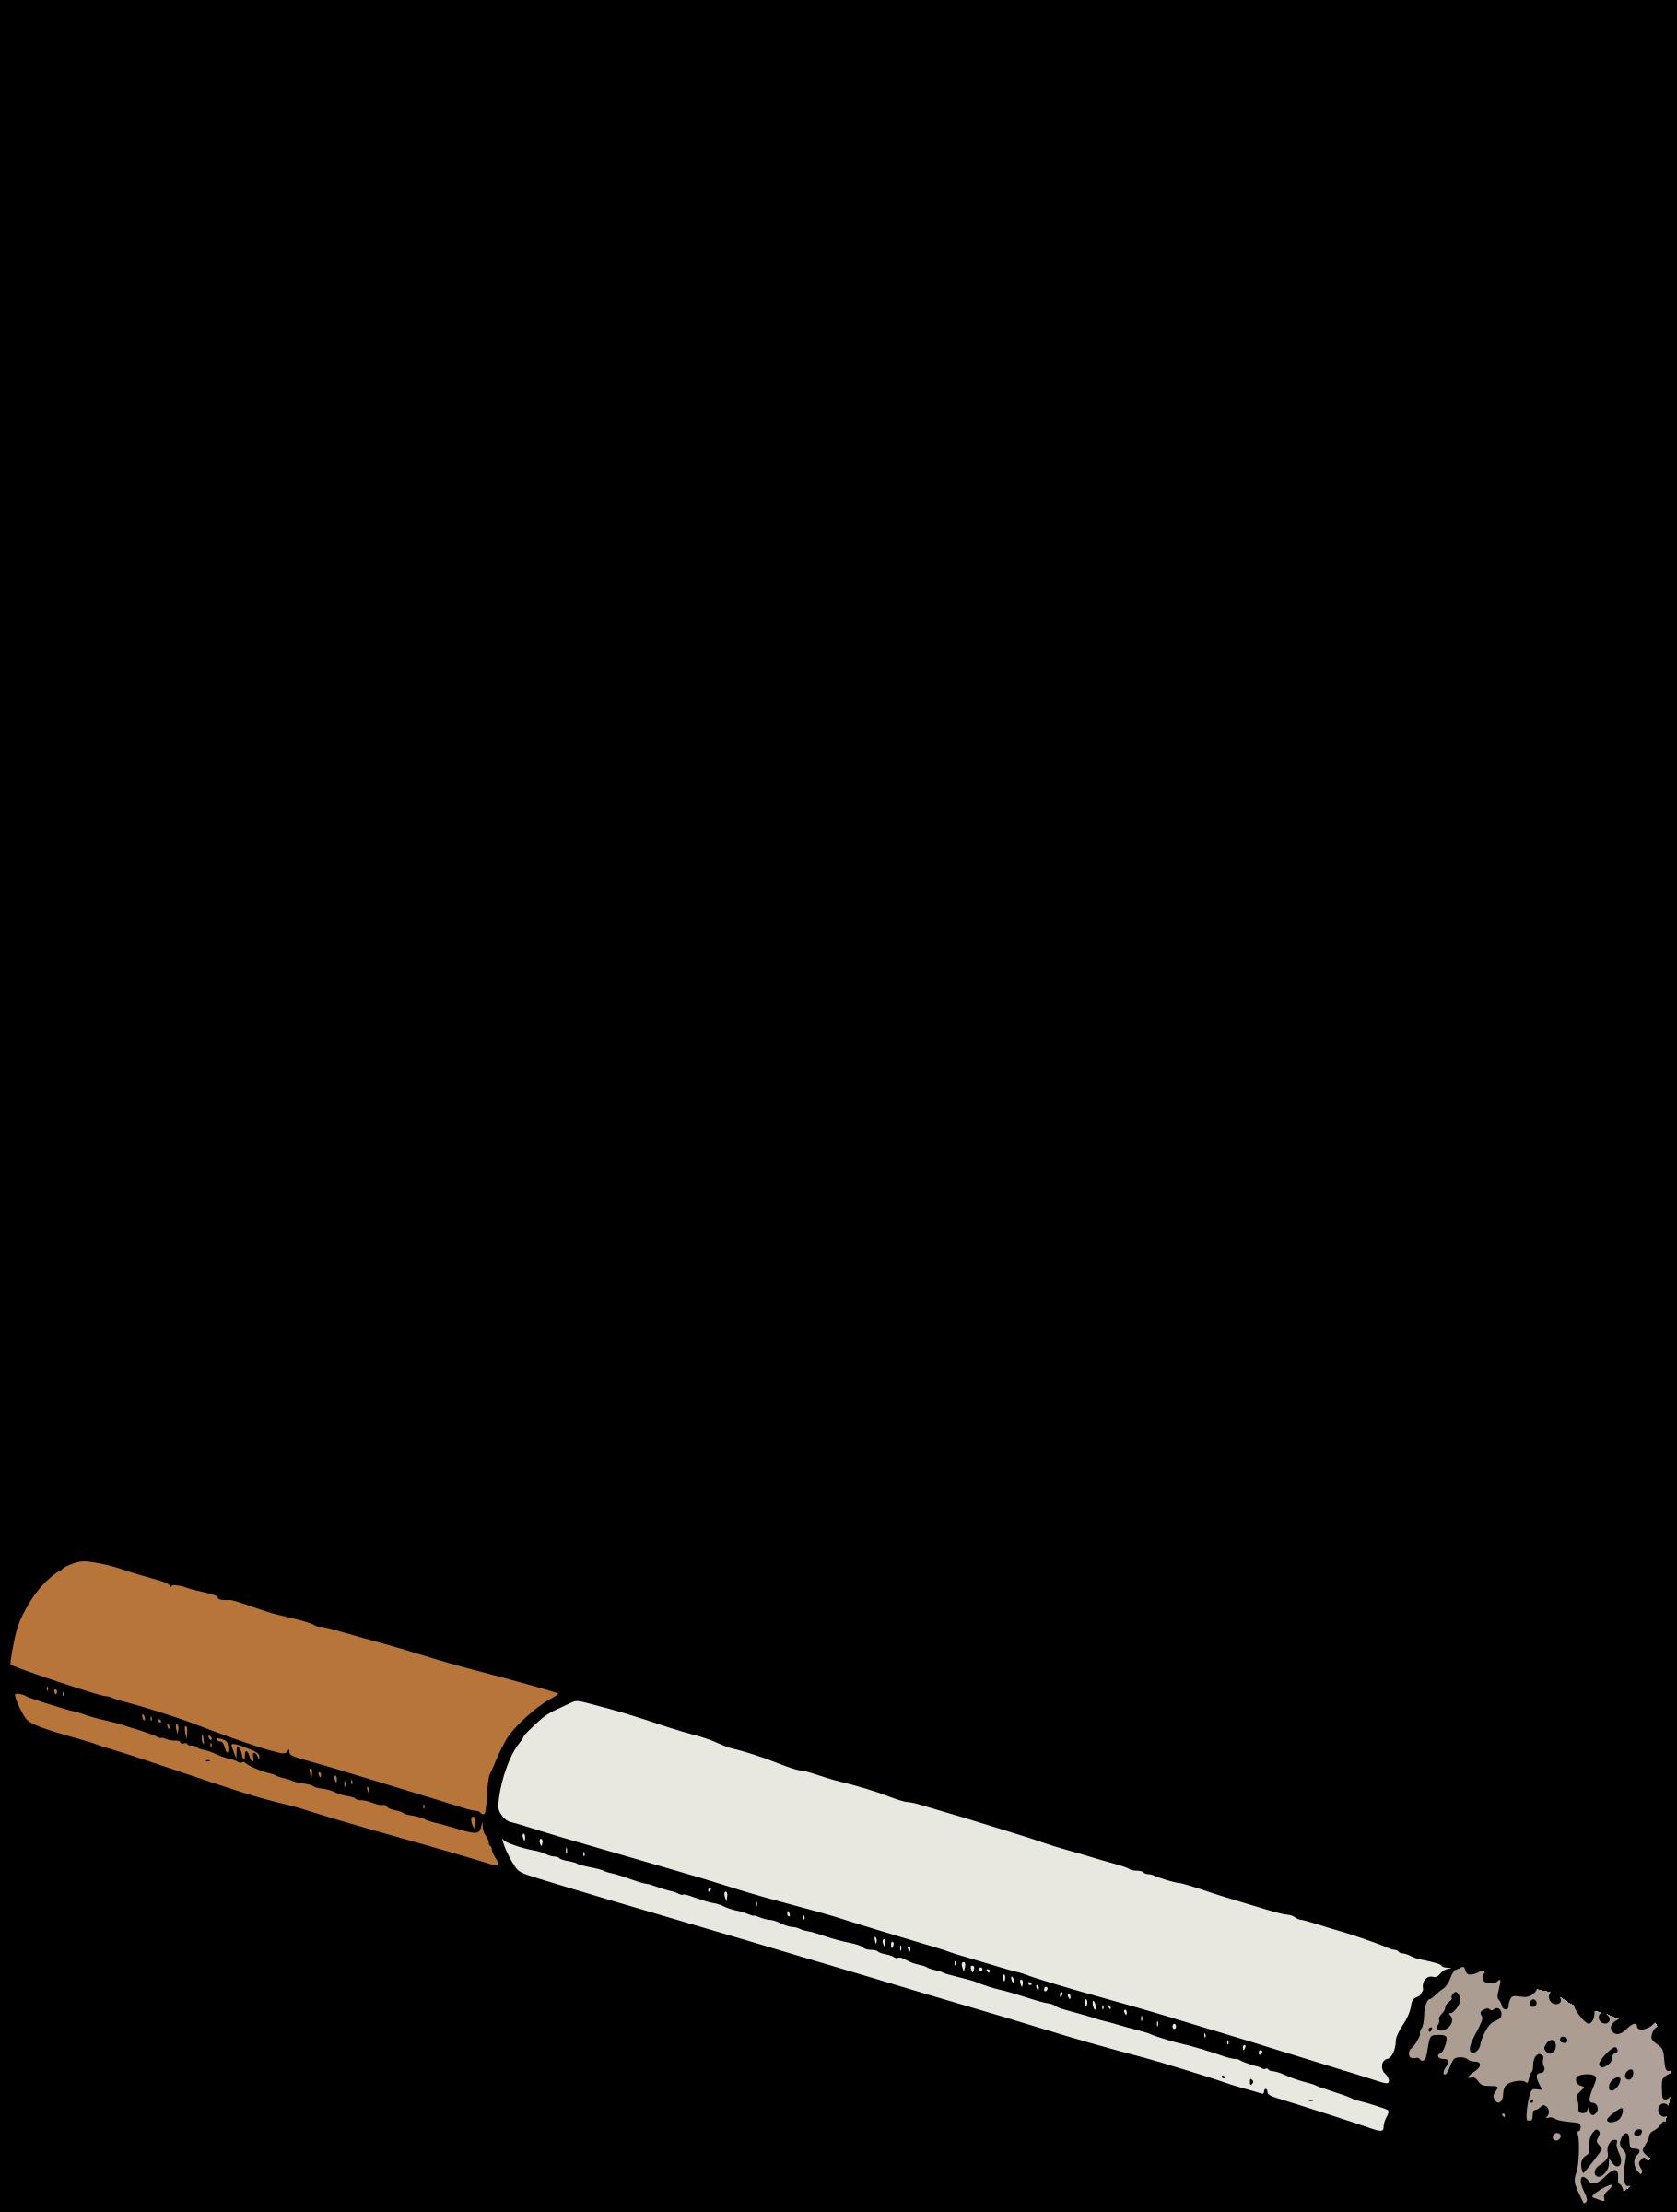 Cigarette clipart transparent Cigarette and Colour Icons #1373